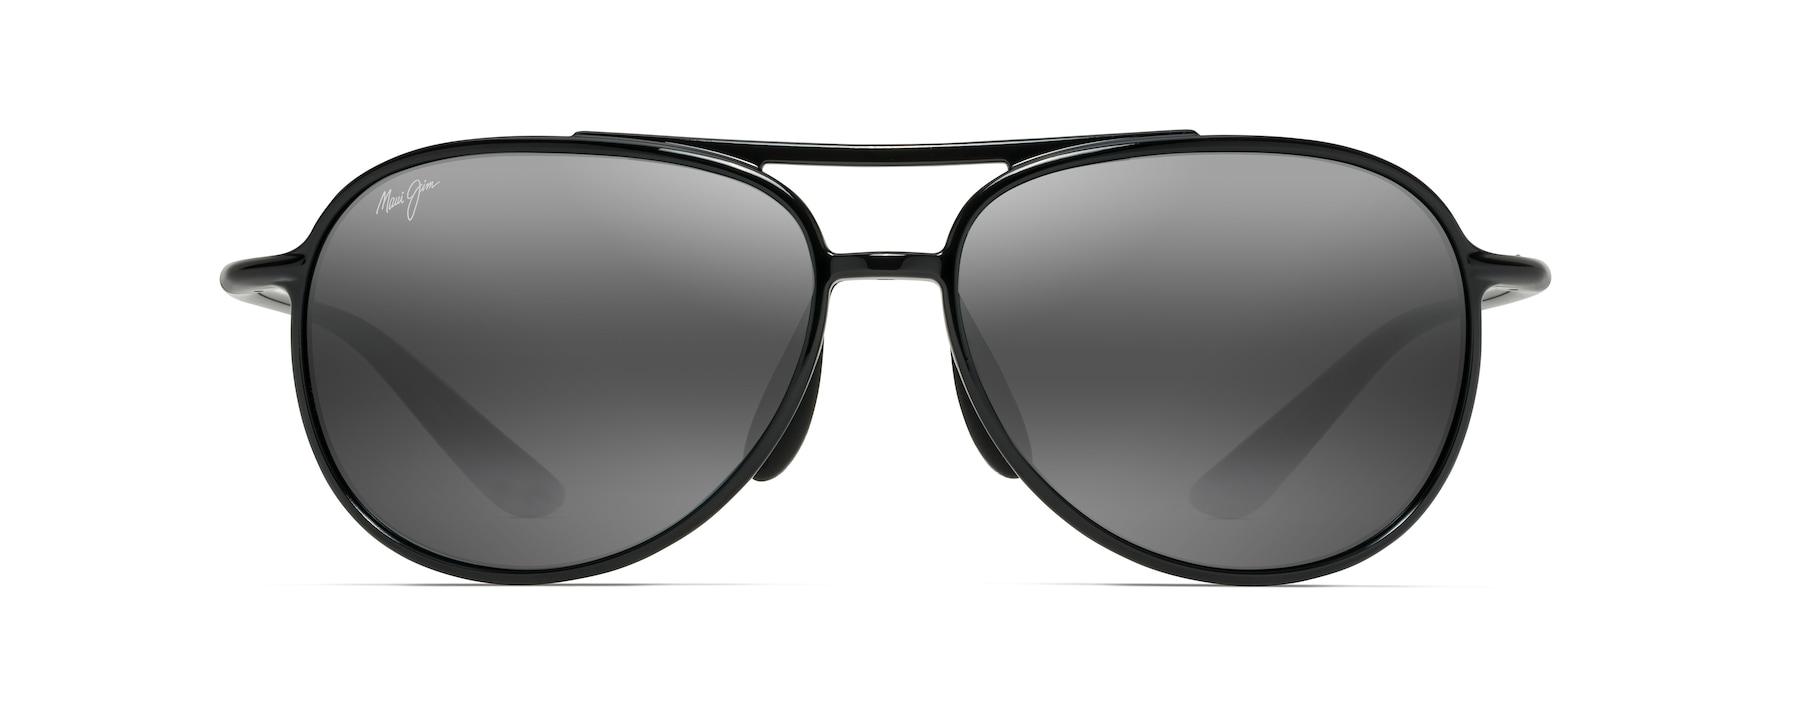 96ce44e361f Alelele Bridge Polarised Sunglasses | Maui Jim®